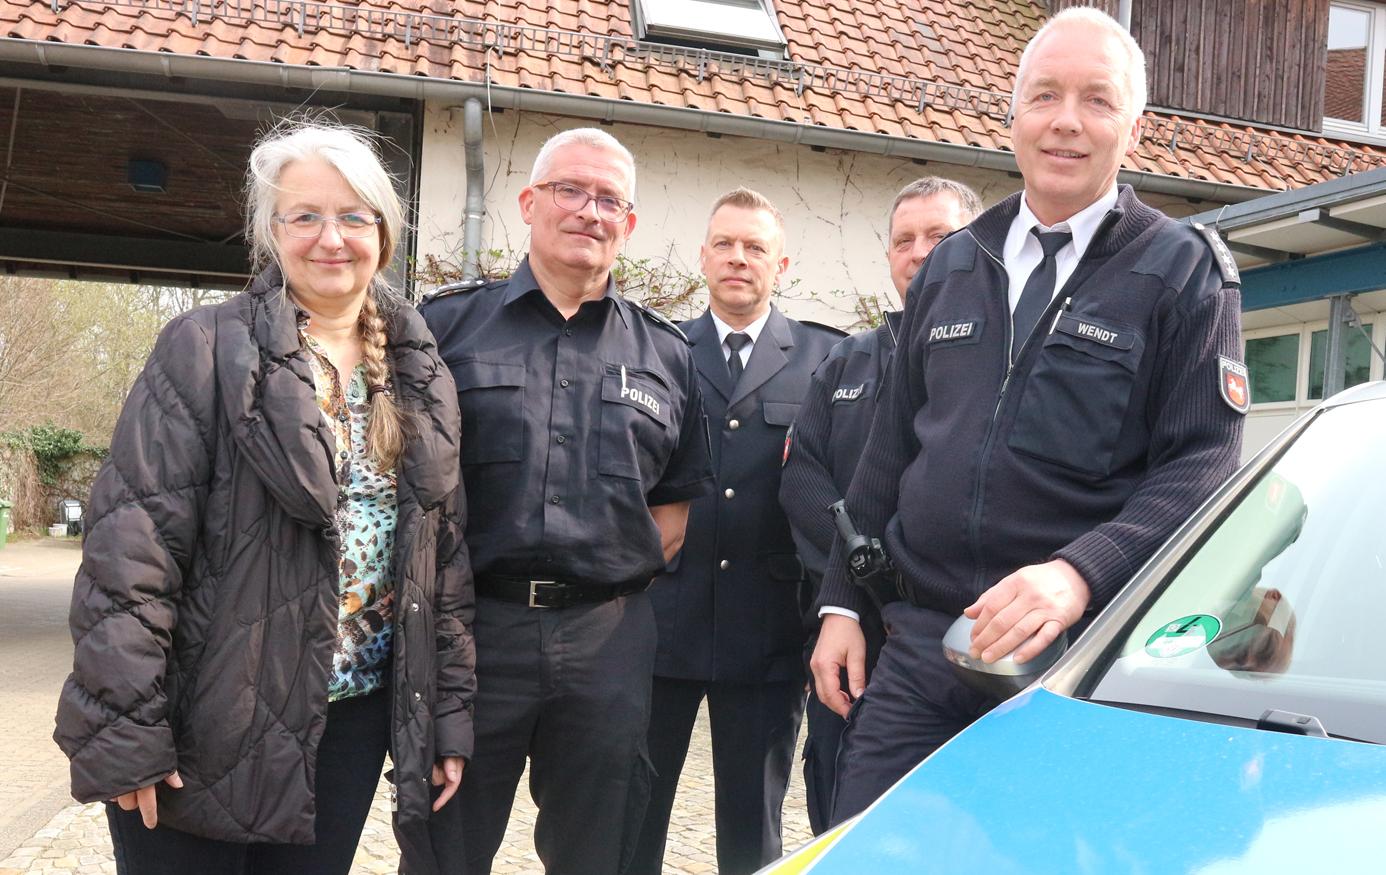 Stellten die Unfallstatistik vor (von links): Andrea Pagel, Jens aus dem Bruch, Ullrich Müller, Jürgen Körner und Thomas Wendt.